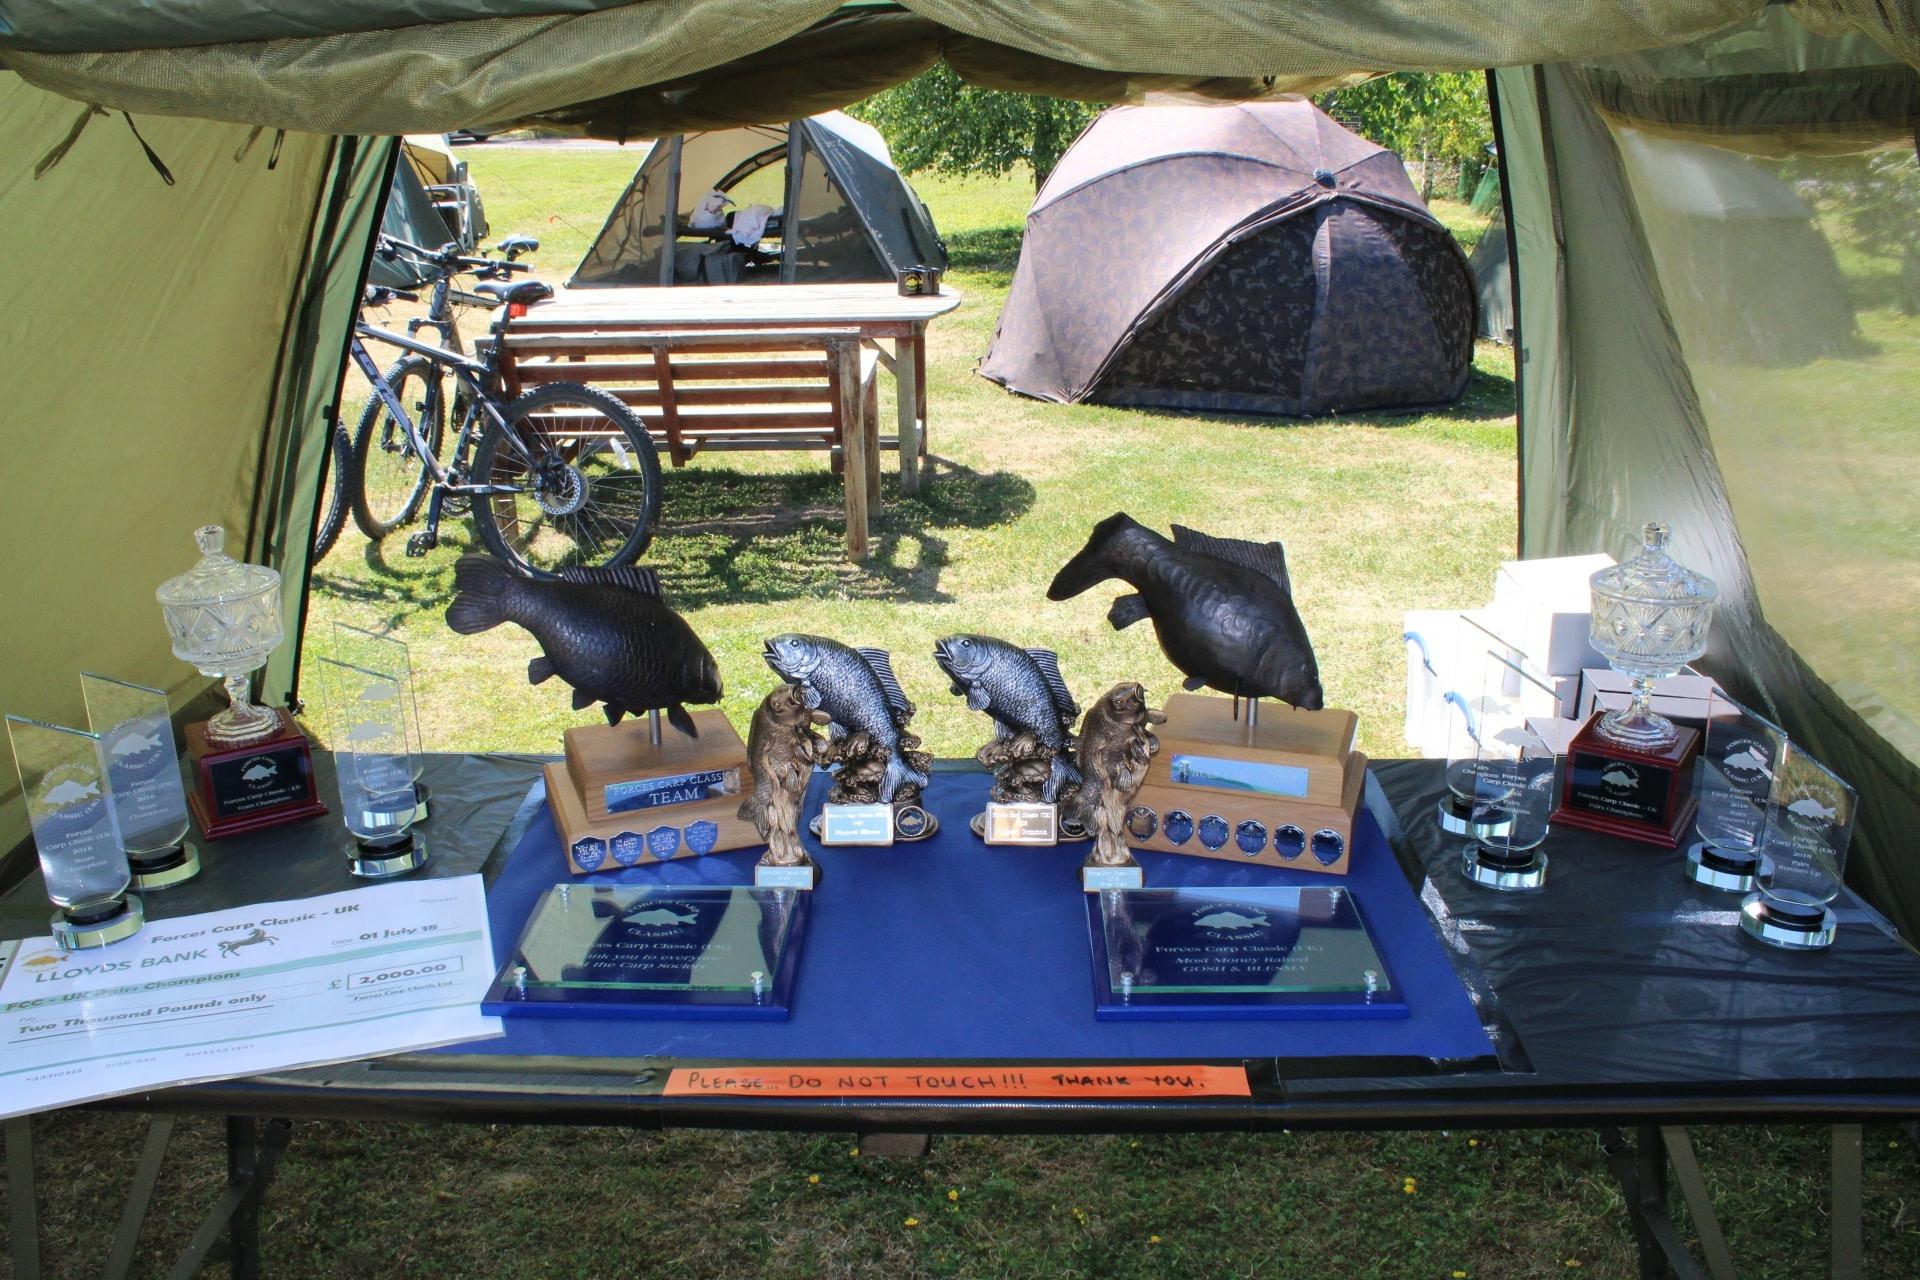 18.  Trophies on display